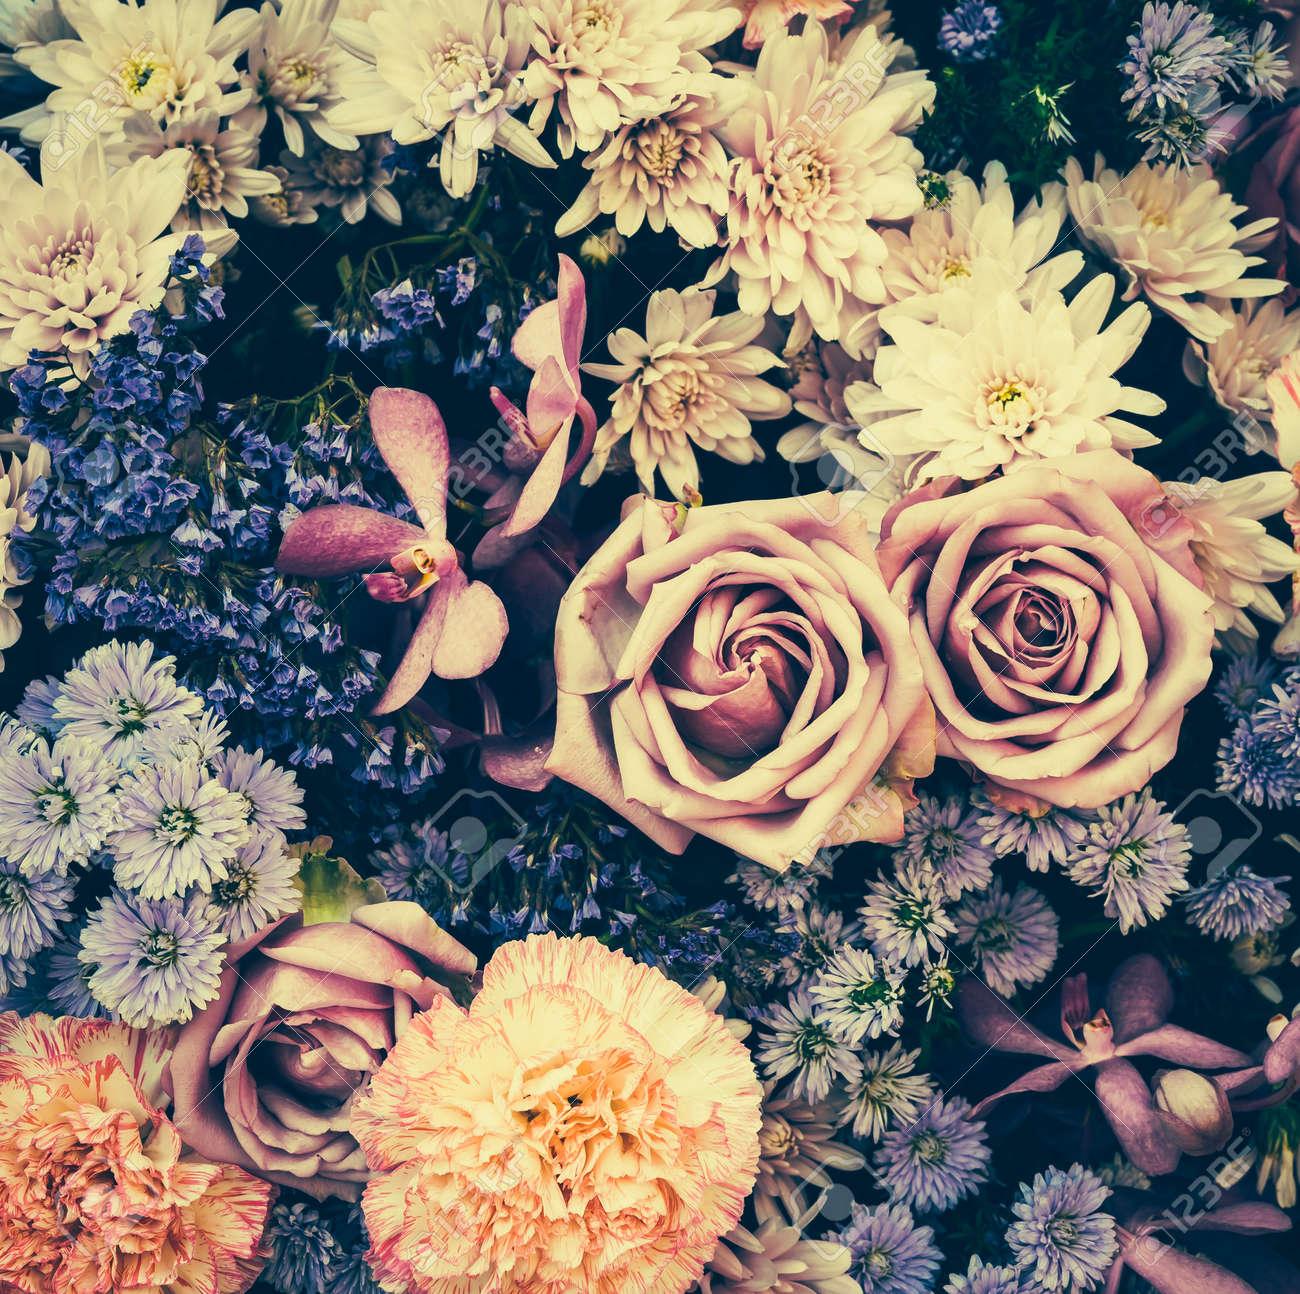 Fondos Antiguos Flor Vintage Imagenes De Estilo Efecto Vintage - Vintage-imagenes